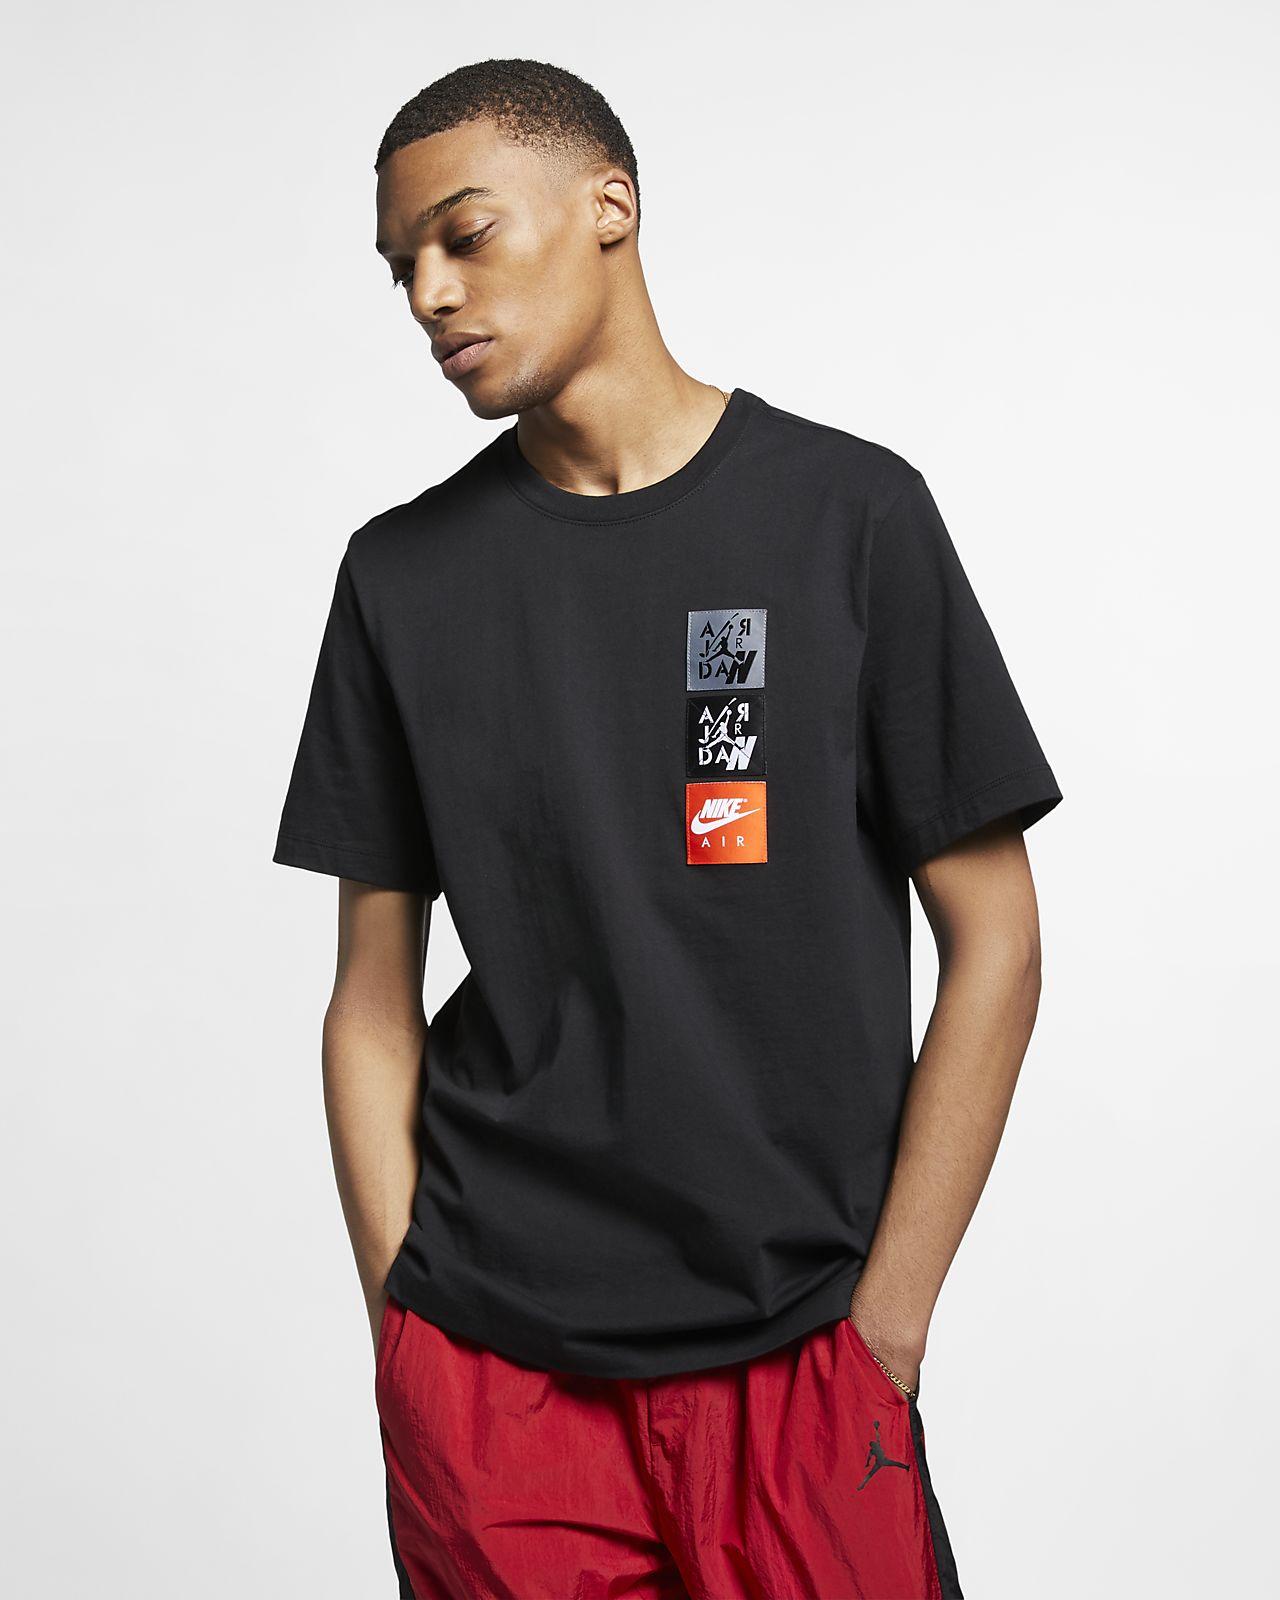 96828e7714d4 Jordan Legacy AJ4 Woven Labels Men s T-Shirt. Nike.com